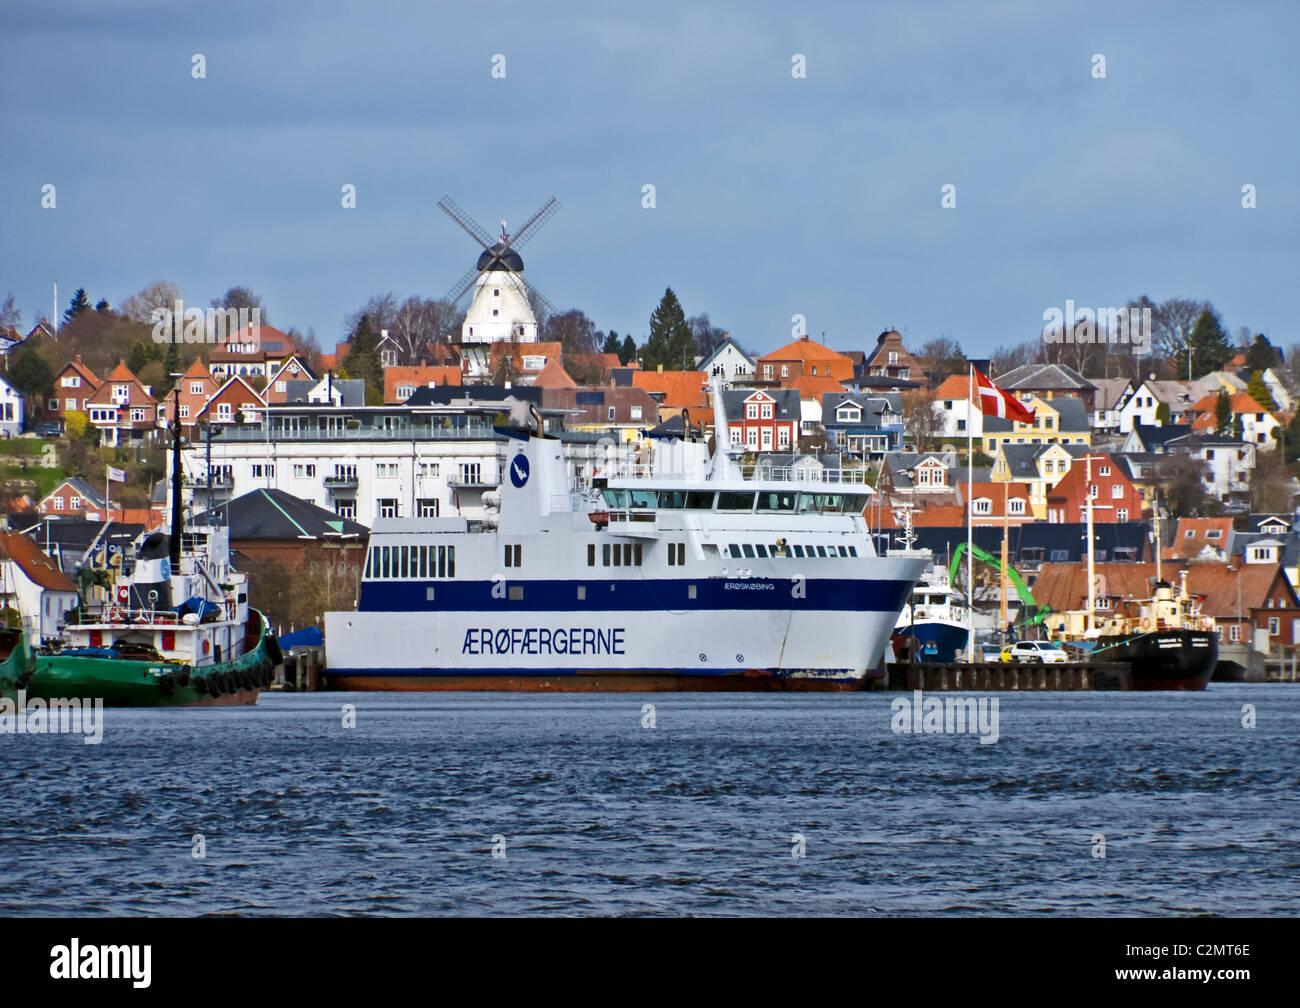 Ærøfærgerne M/F Ærøskøbing at its berth in Svendborg harbour Denmark - Stock Image